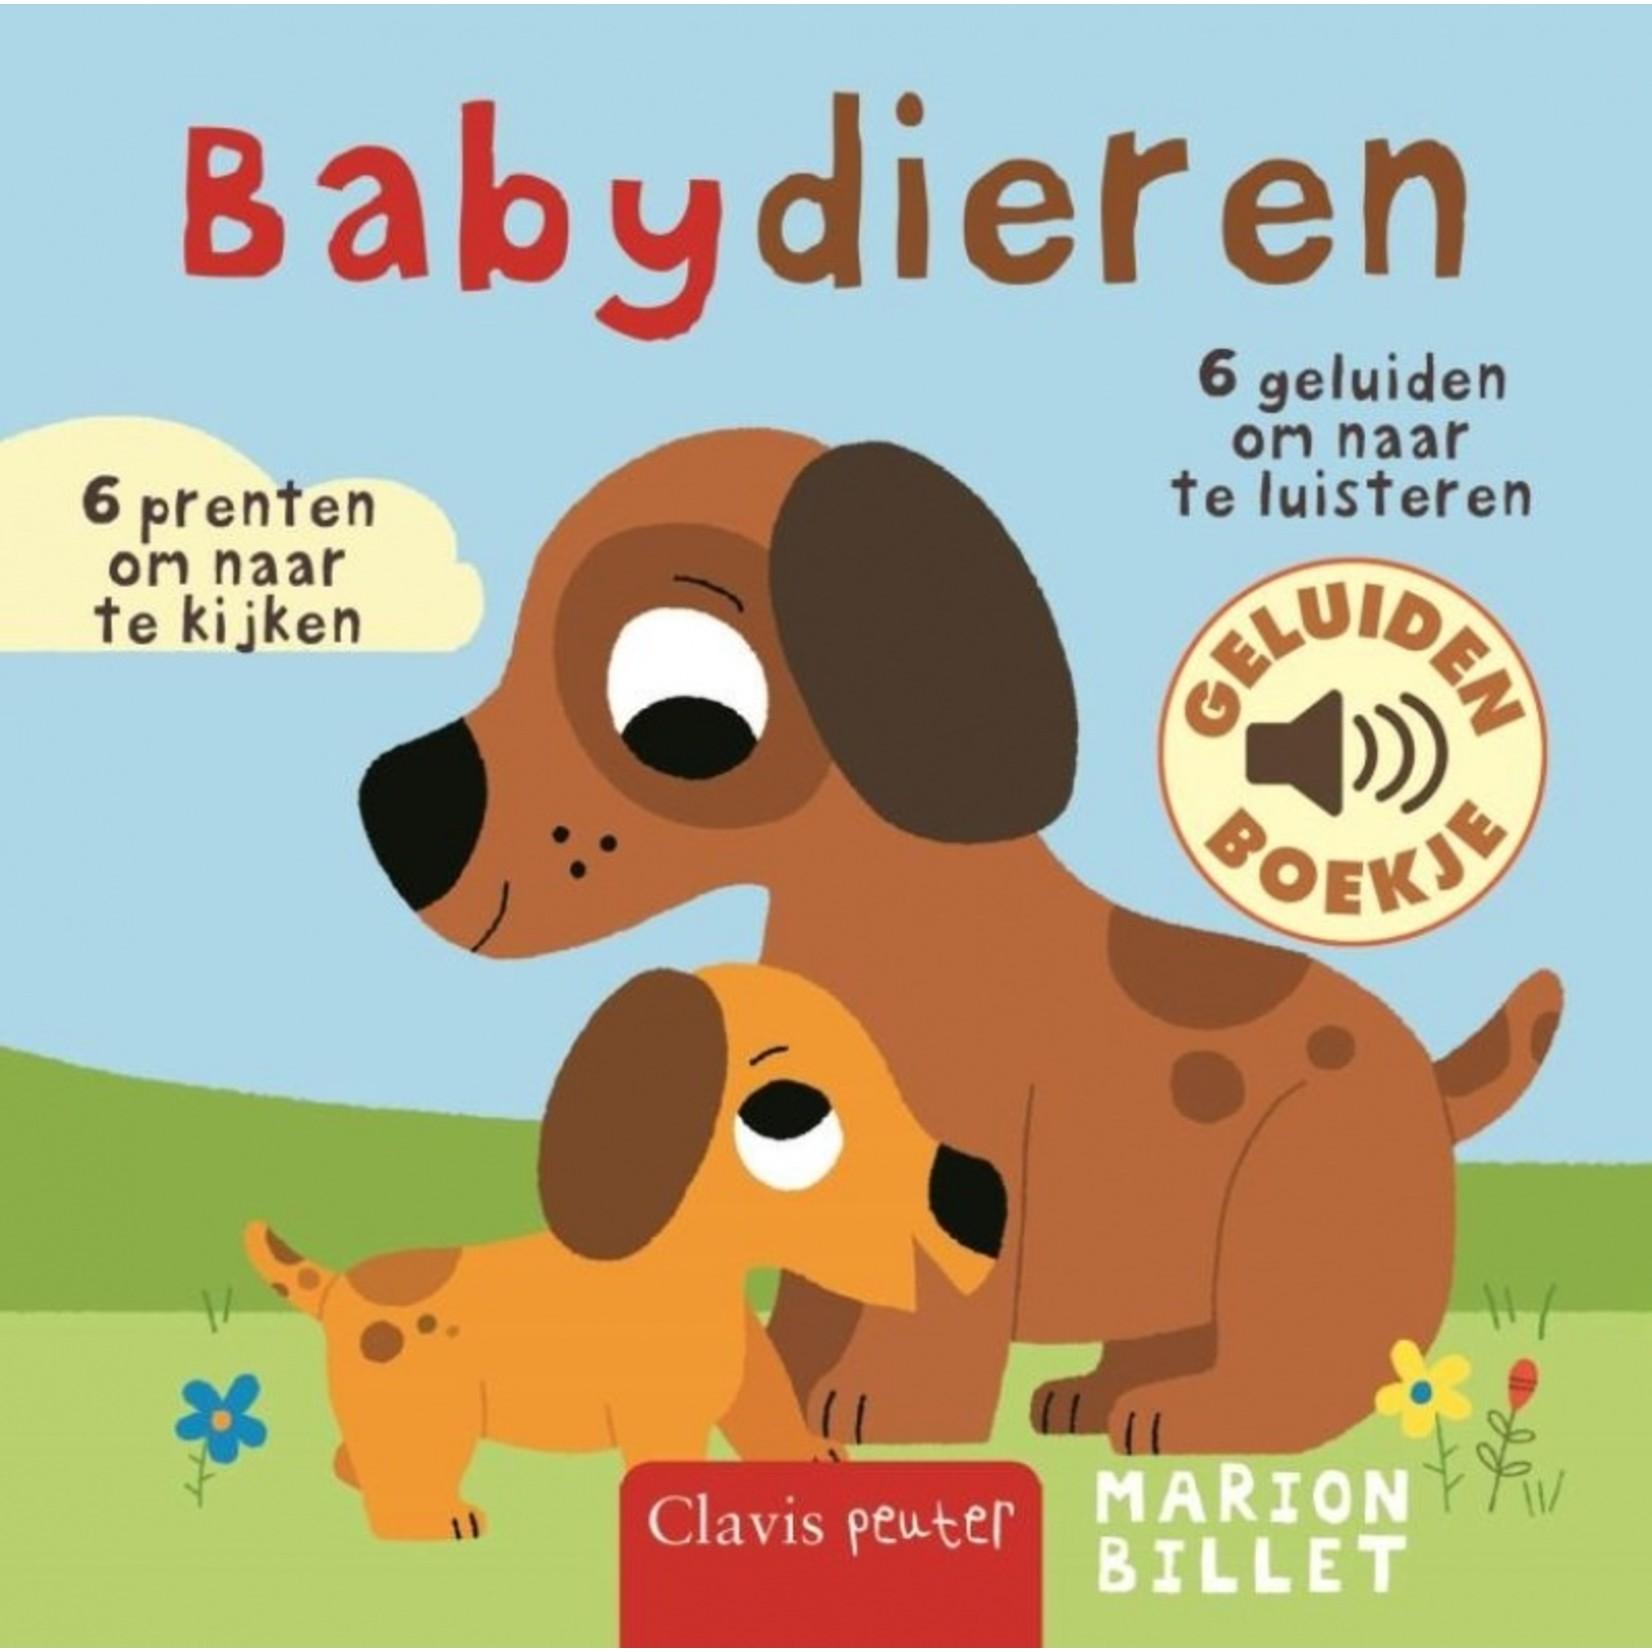 Babydieren geluidenboek